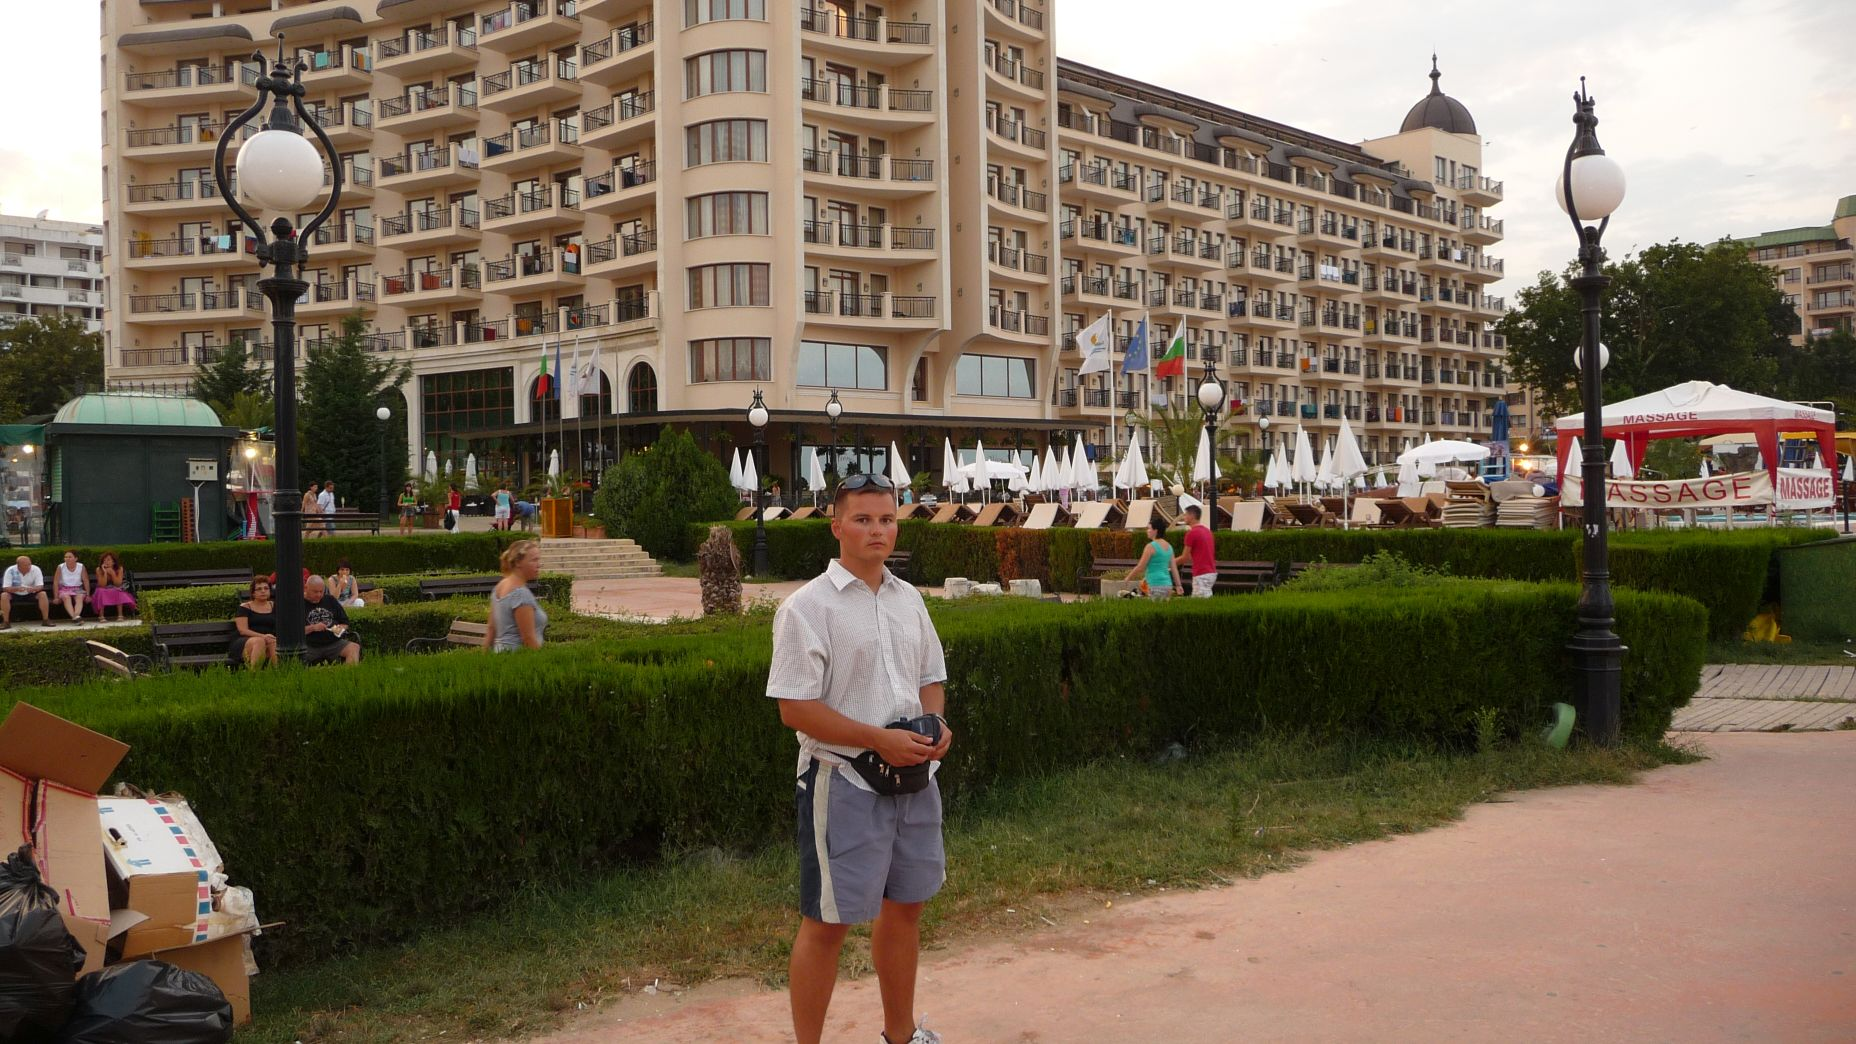 Bułgaria - Złote Piaski - zdjęcia, atrakcje